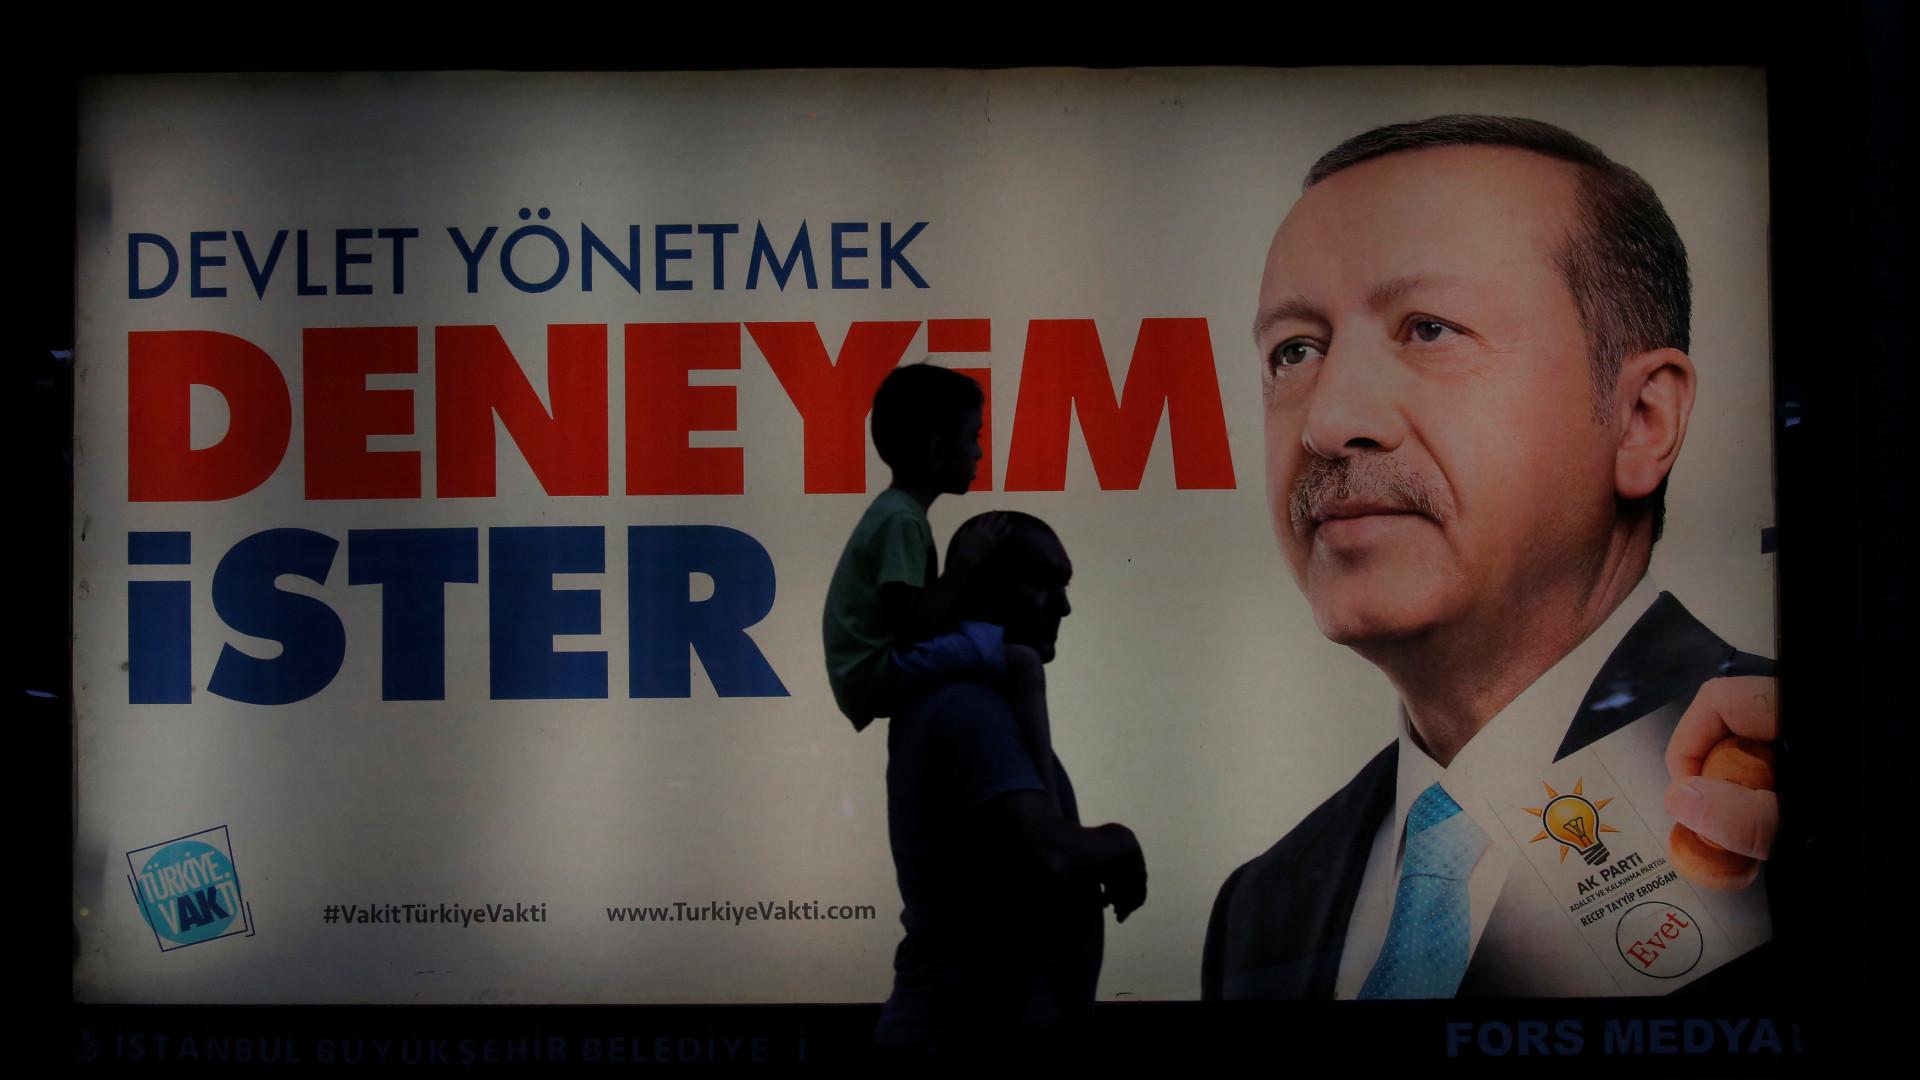 Três mortos em tiroteio durante campanha eleitoral na Turquia